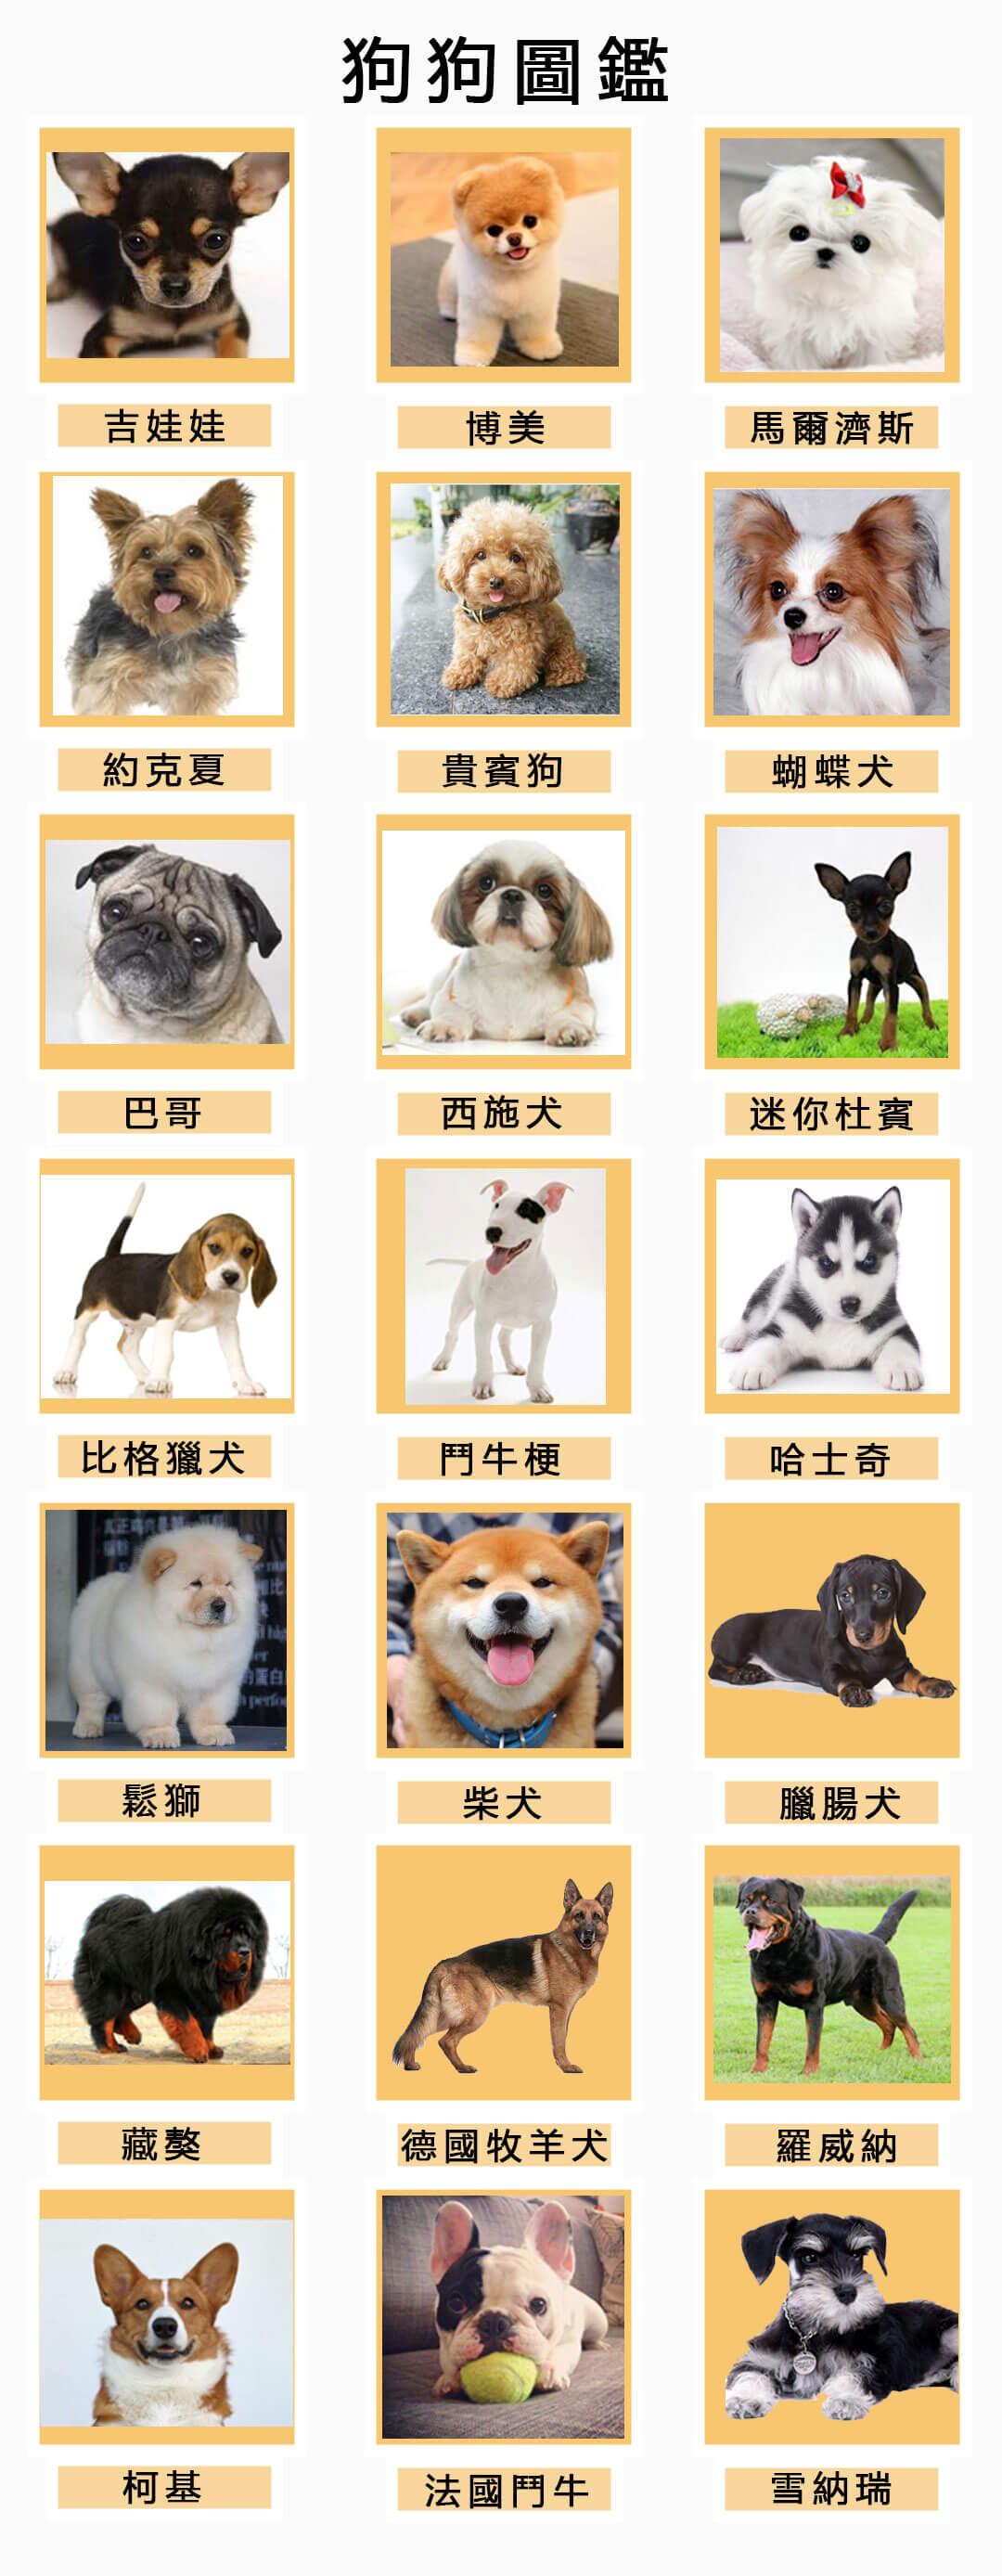 狗狗圖鑑-犬類圖鑑狗品種圖鑑